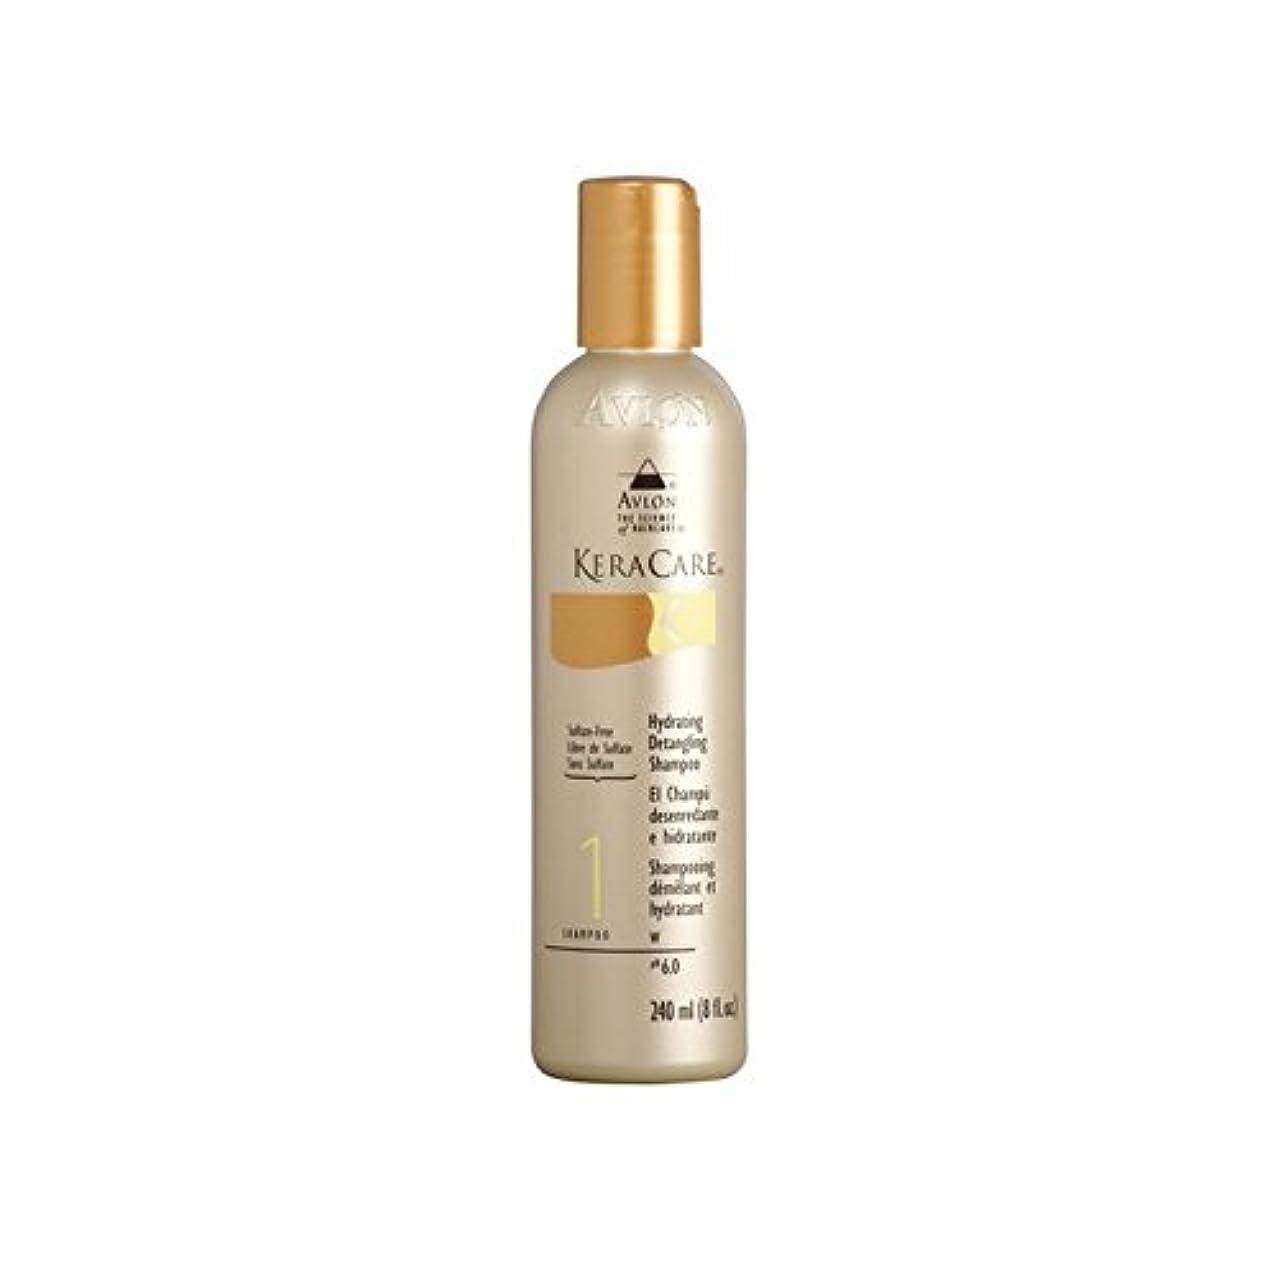 アクロバット状況想像力豊かなKeracare Hydrating Detangling Shampoo (240ml) - 水和もつれ解除シャンプー(240ミリリットル) [並行輸入品]